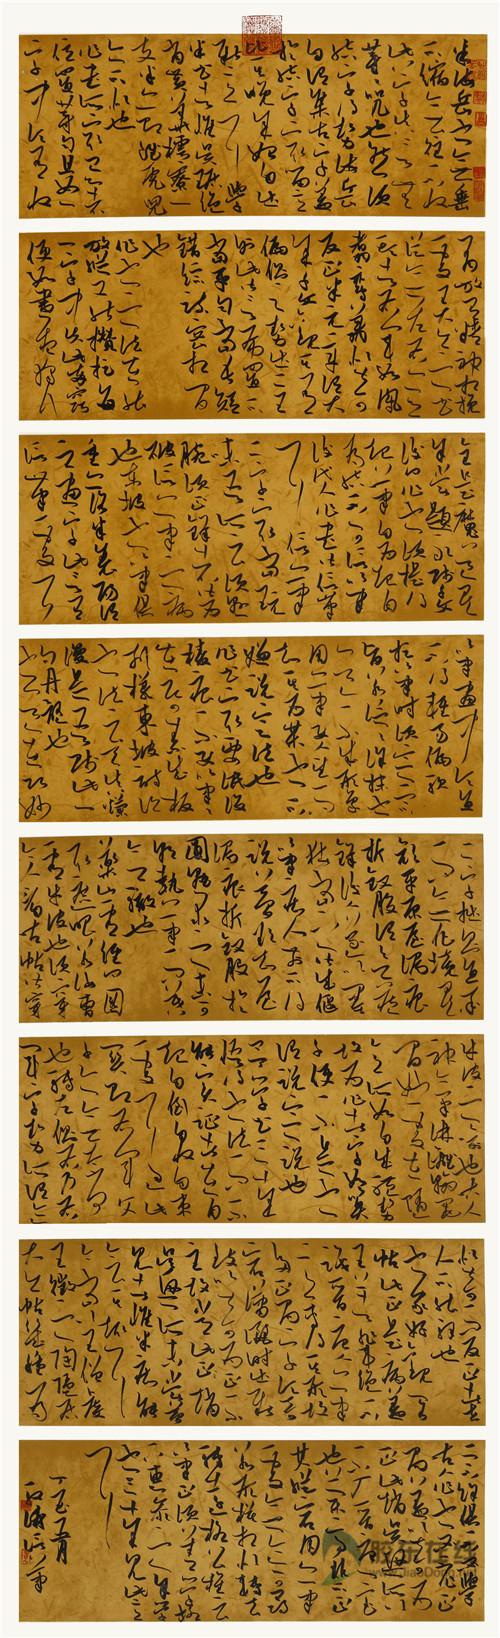 古人书论选抄、2016、234x70cm_副本